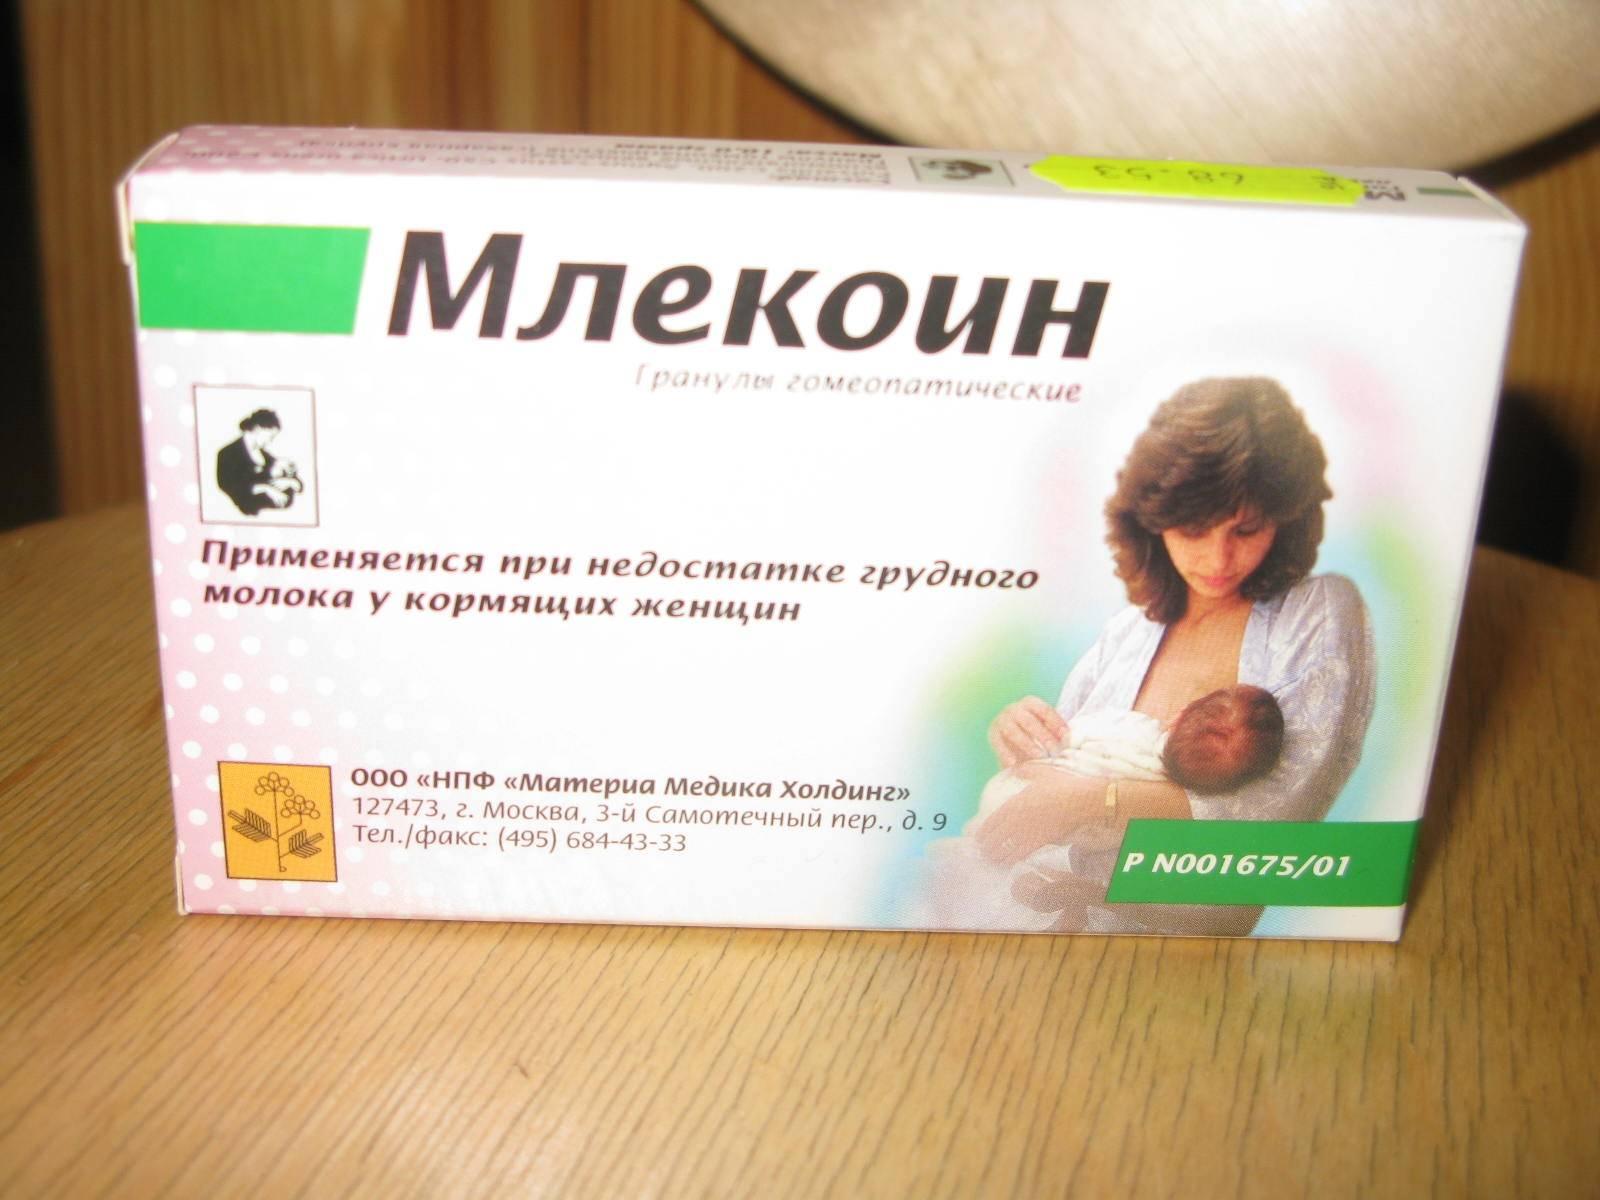 Таблетки для лактации молока: эффективность, особенности приема ивиды